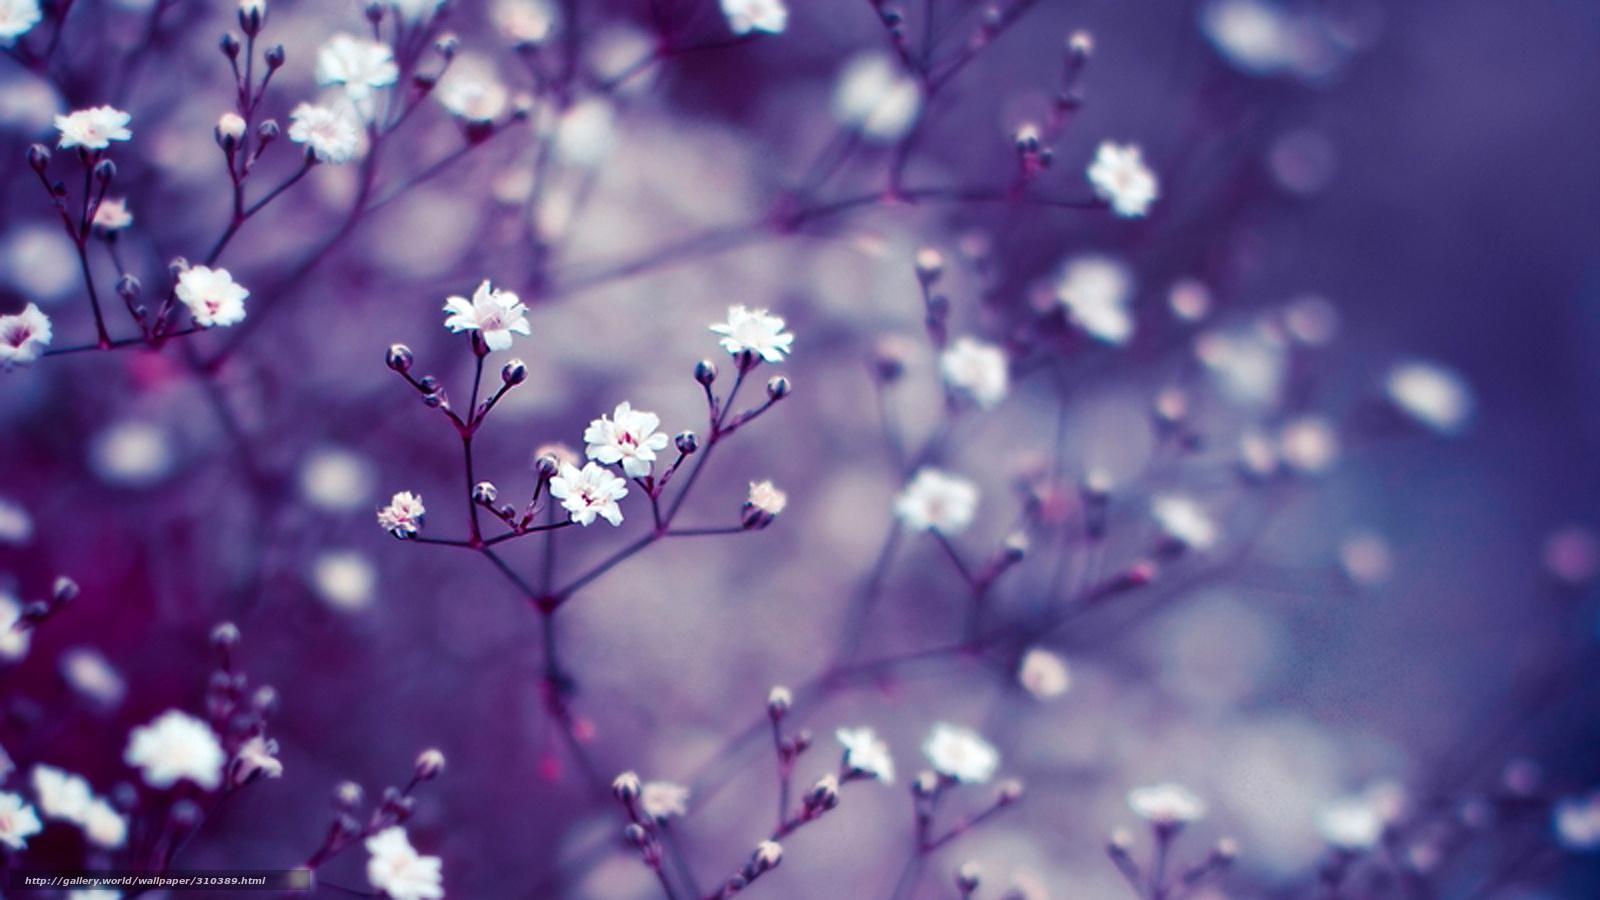 Pobra Tapety Kwiaty Macro Liliowy Darmowe Tapety Na